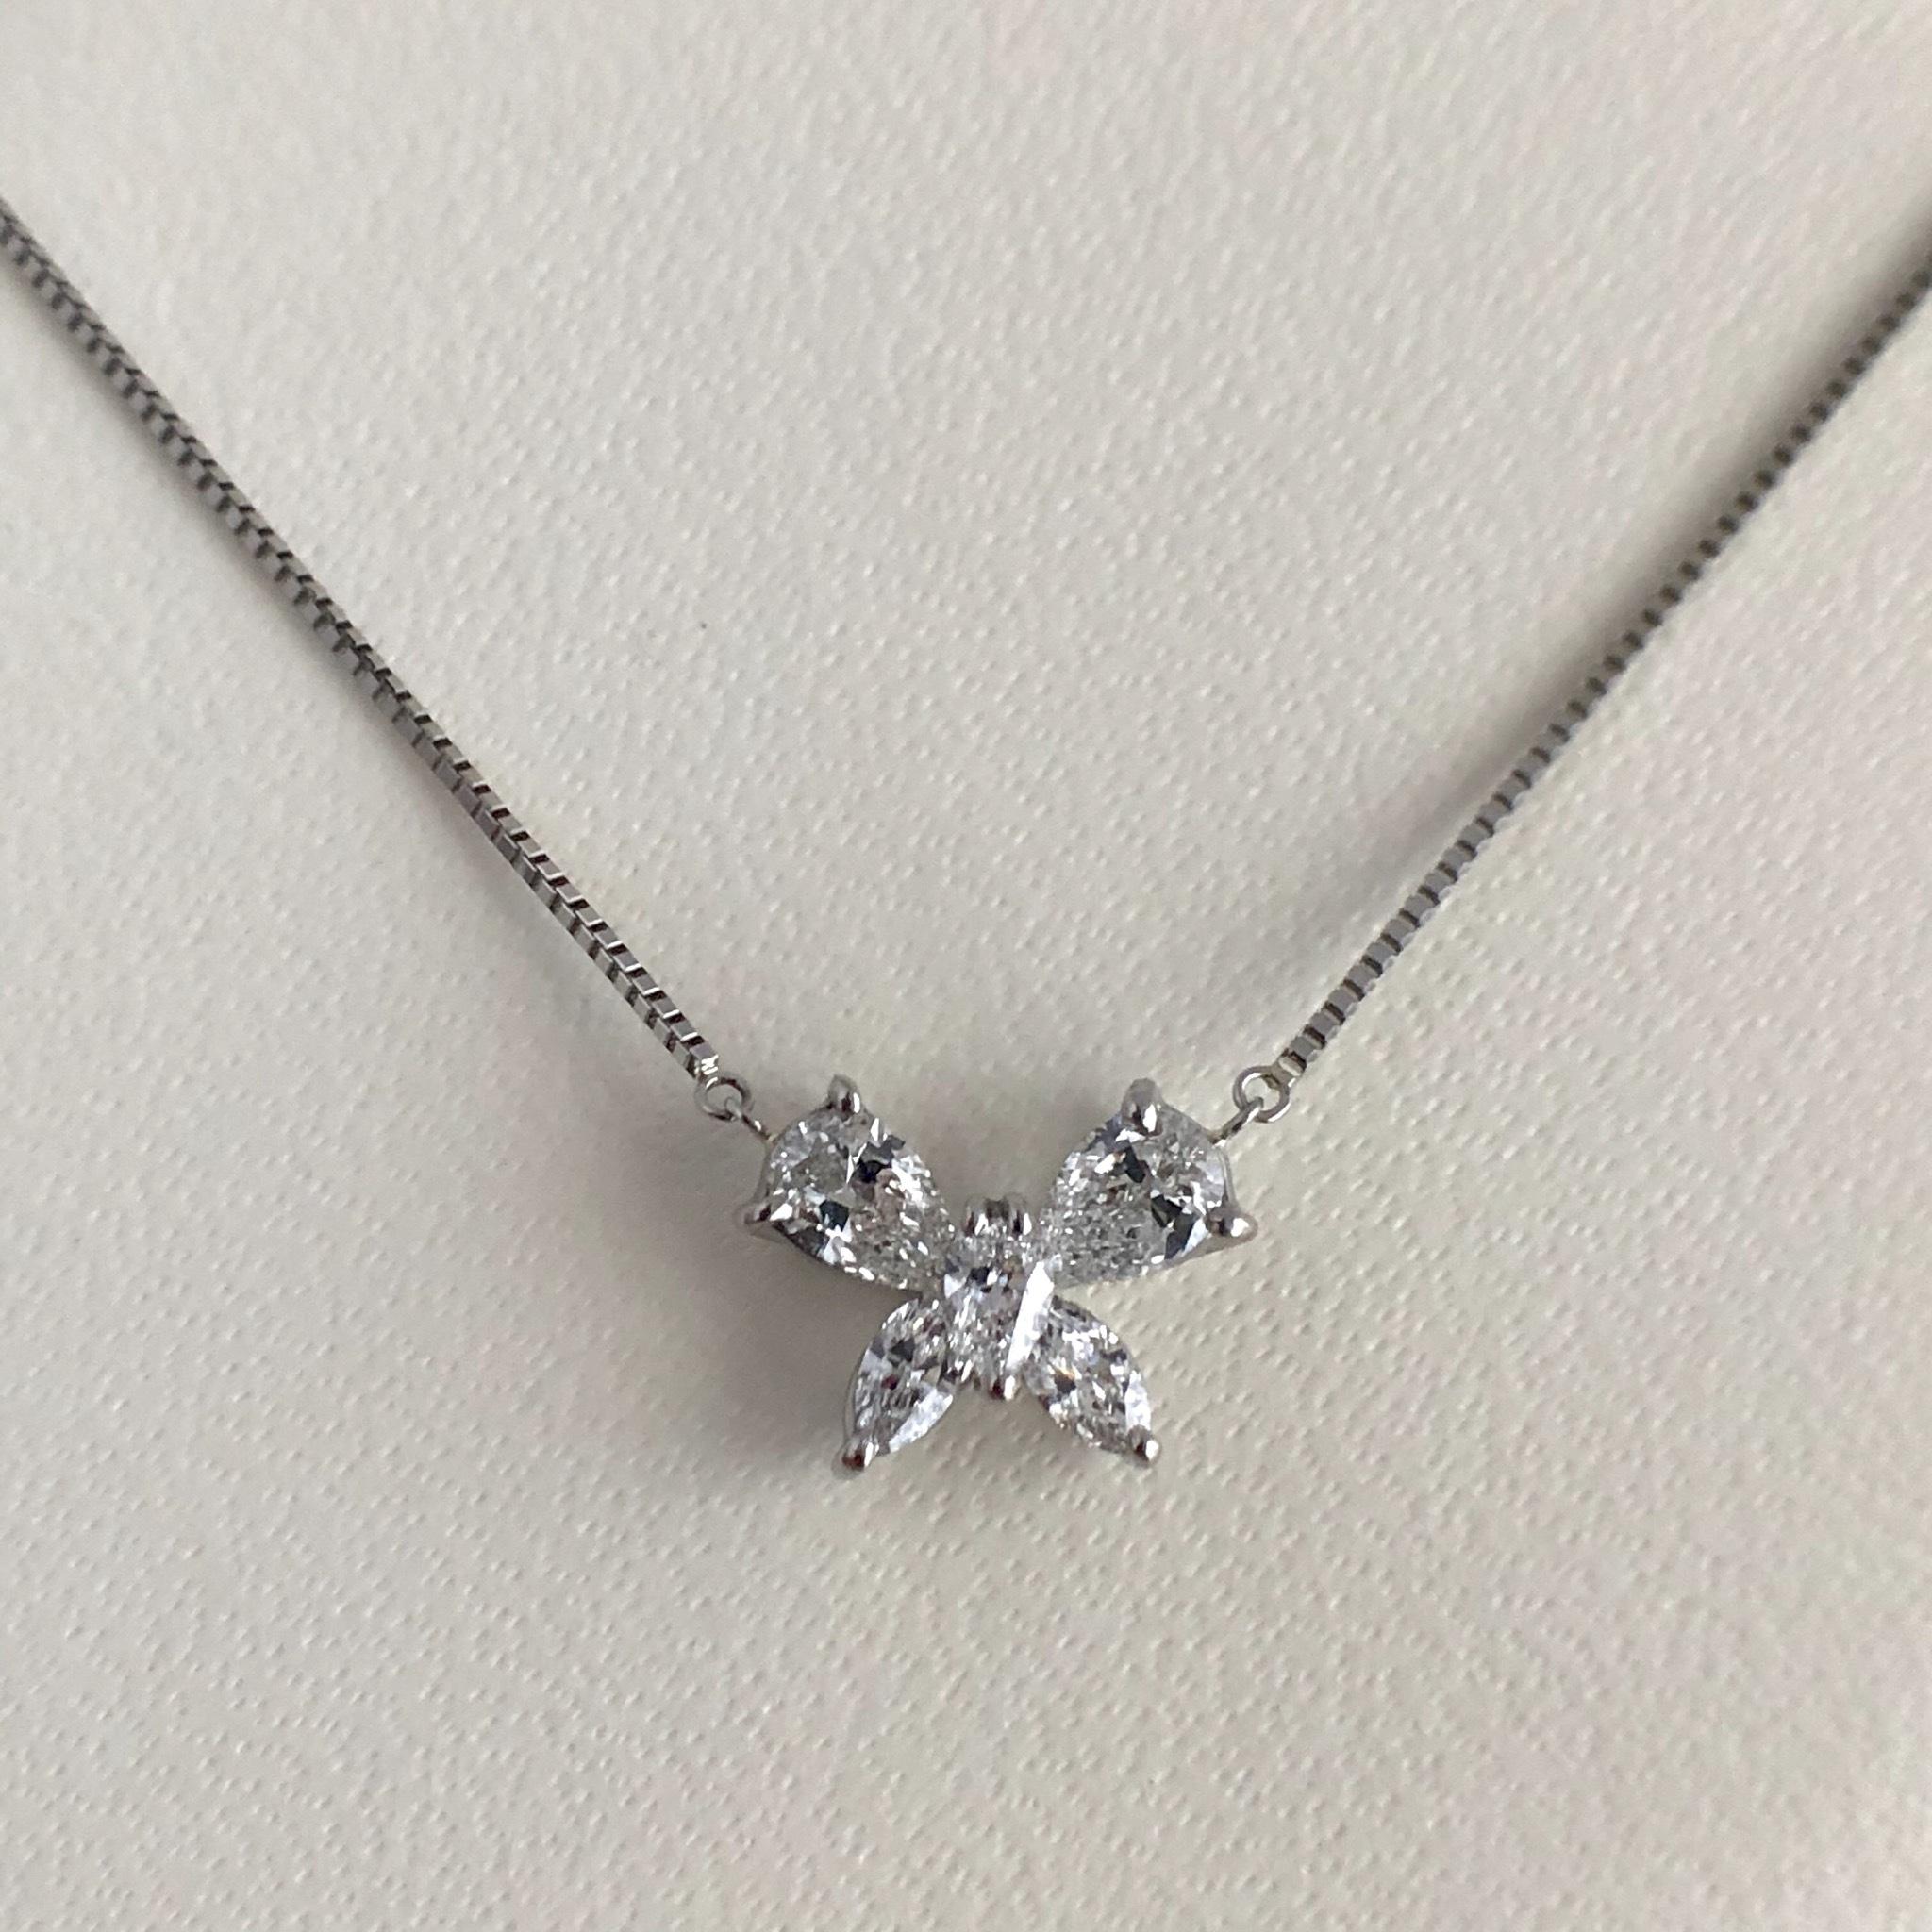 ダイヤモンド  バタフライ  ペンダント  0.579ct プラチナ チェカ 鑑別書付